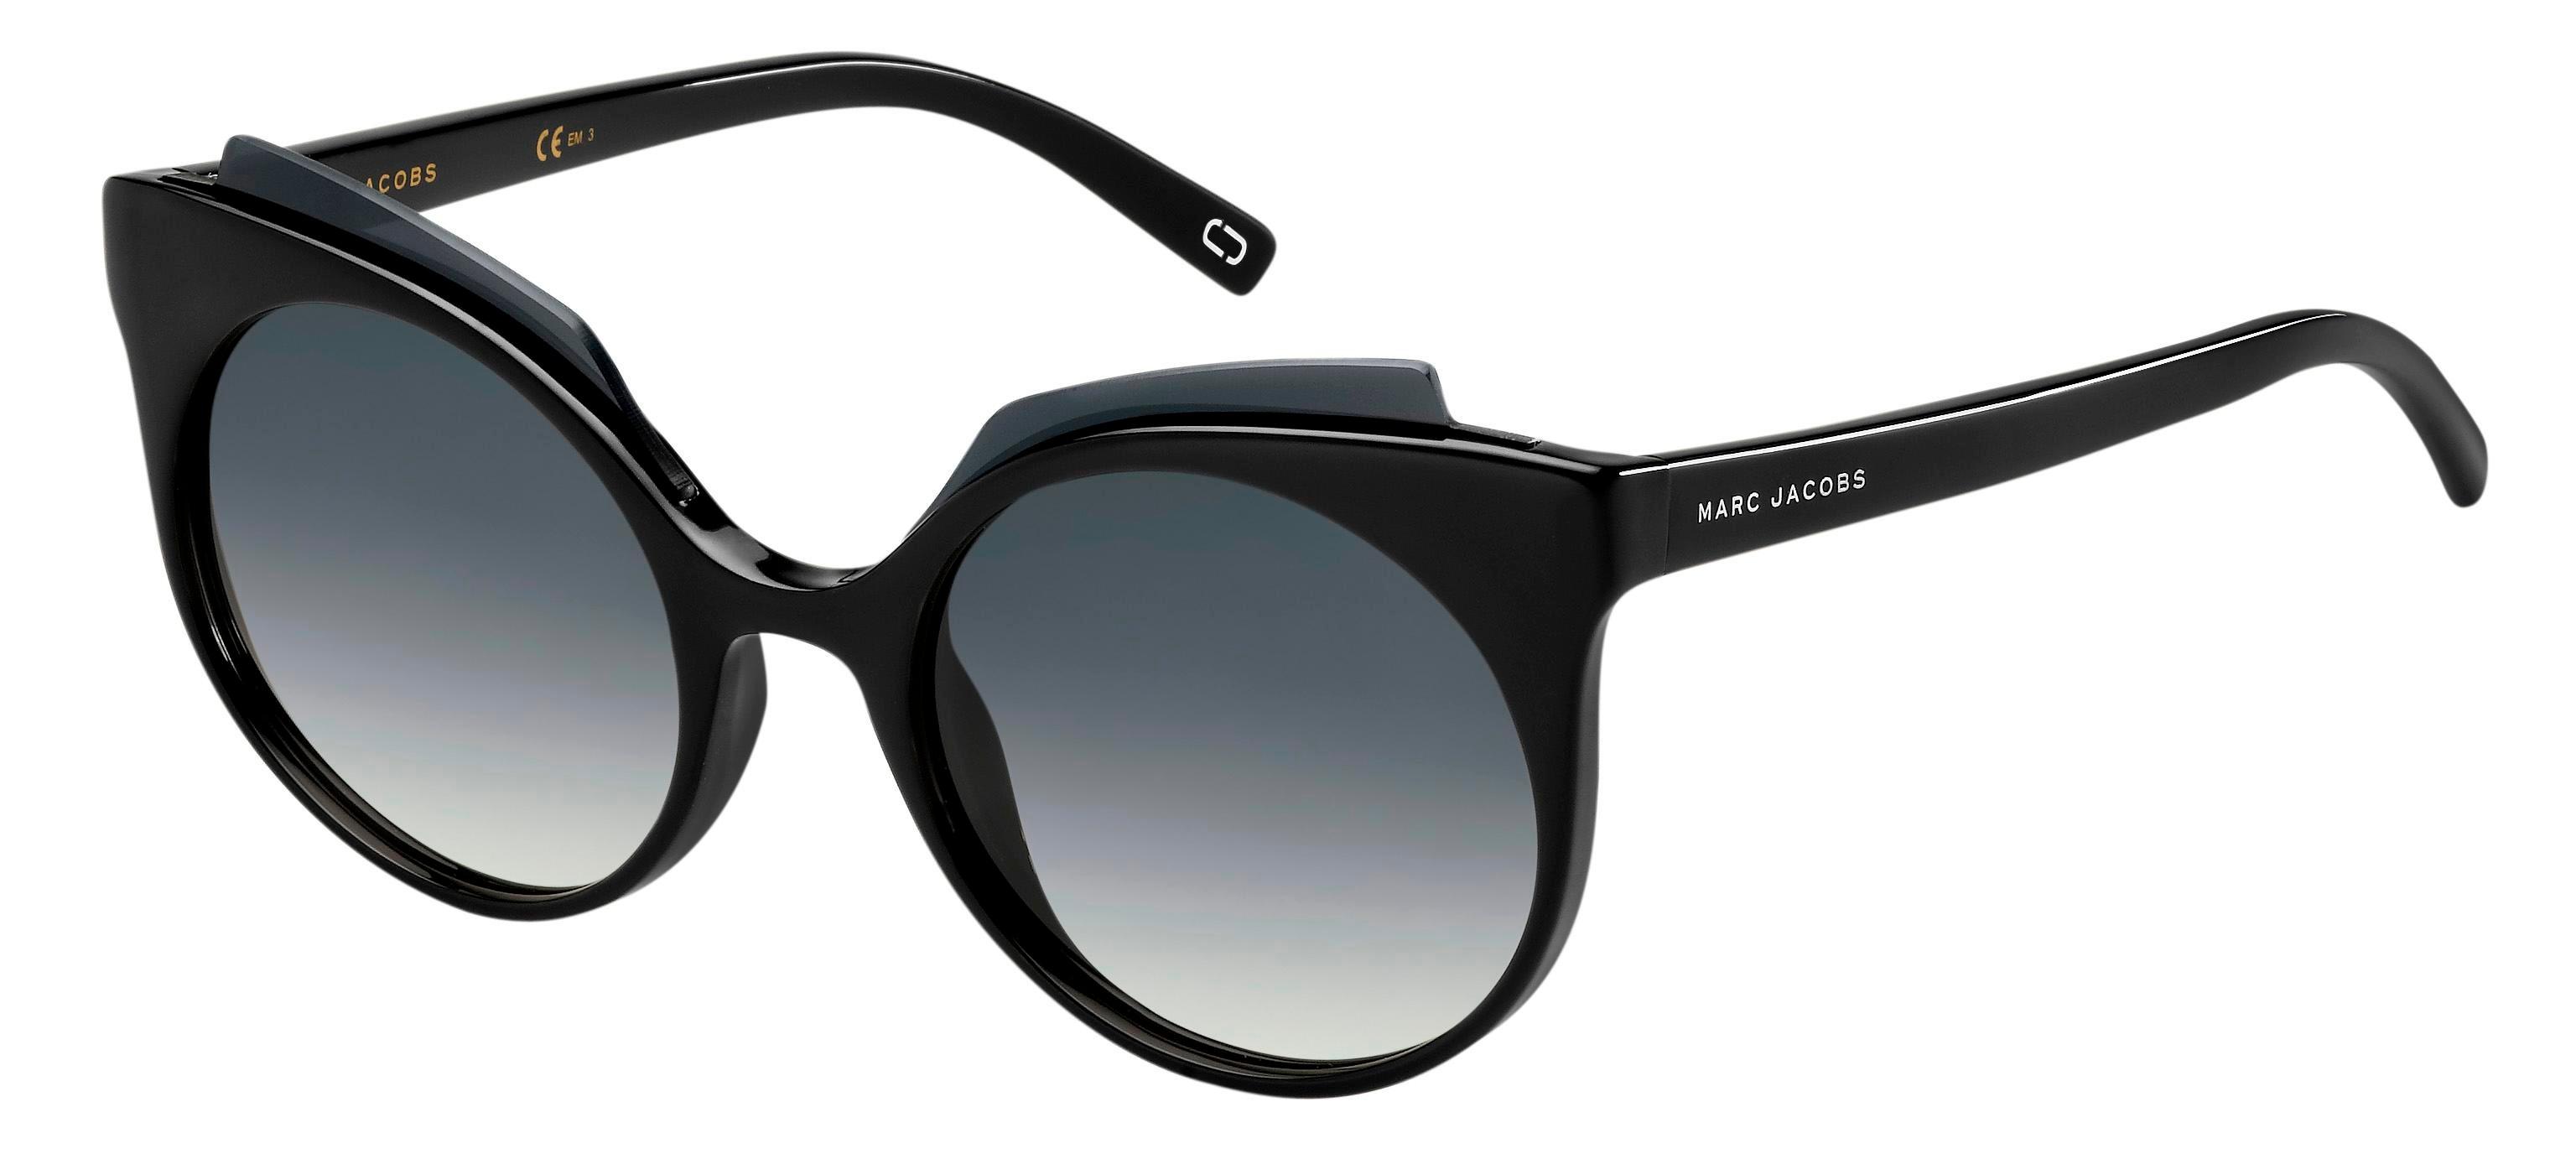 Marc Jacobs sunglasses MARC 105/S